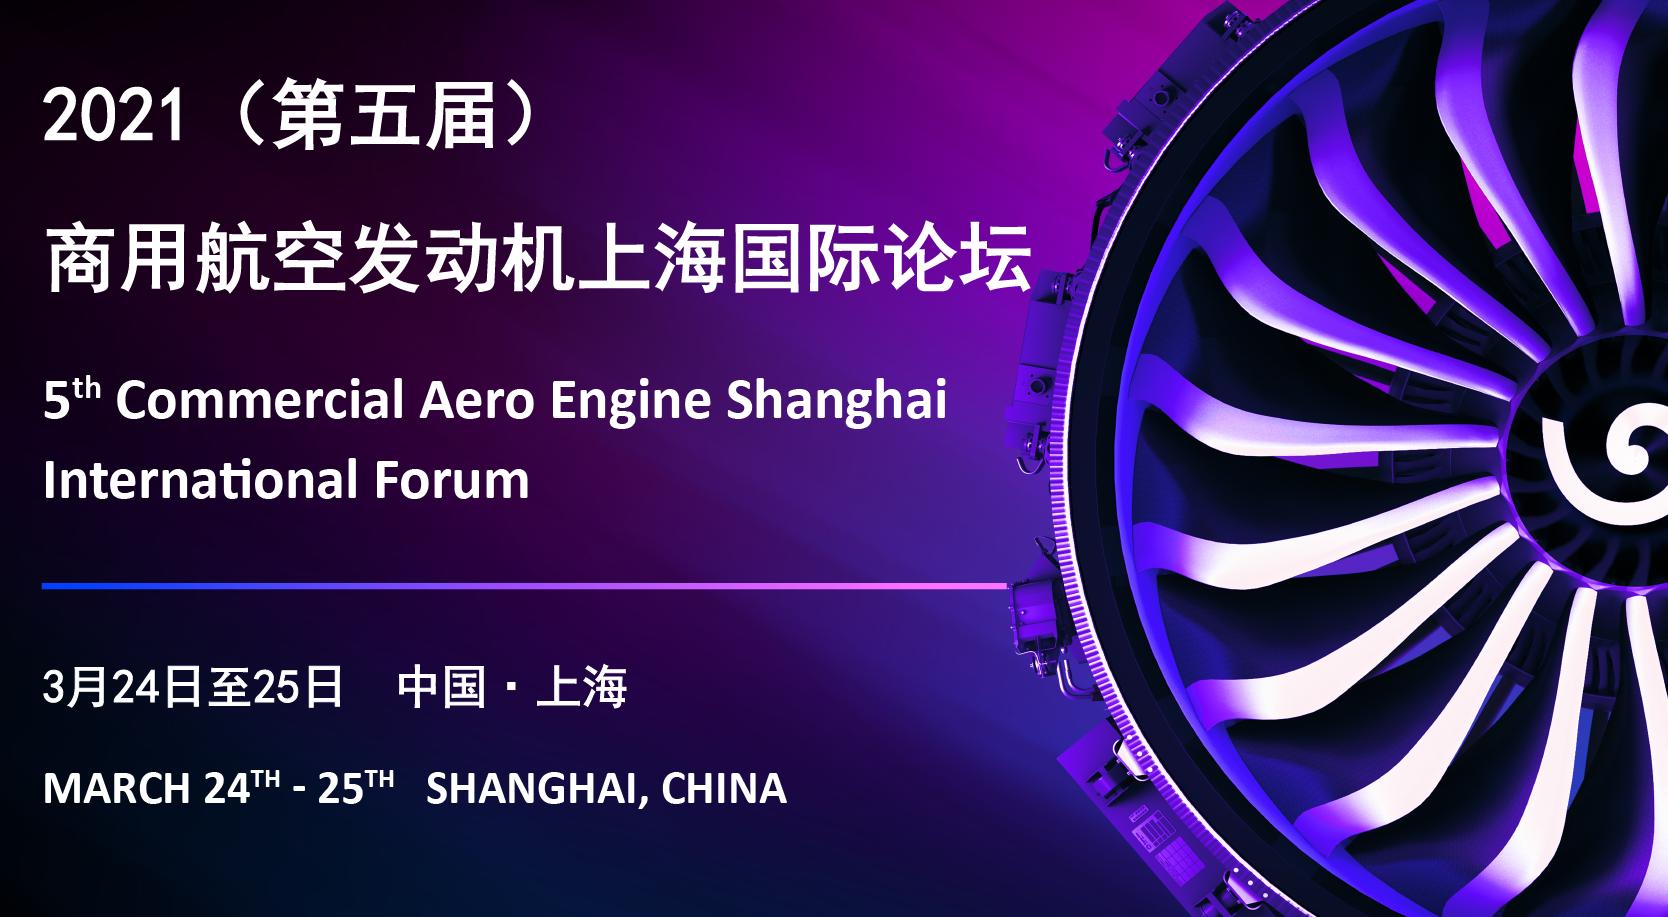 2021(第五屆)商用航空發動機上海國際論壇